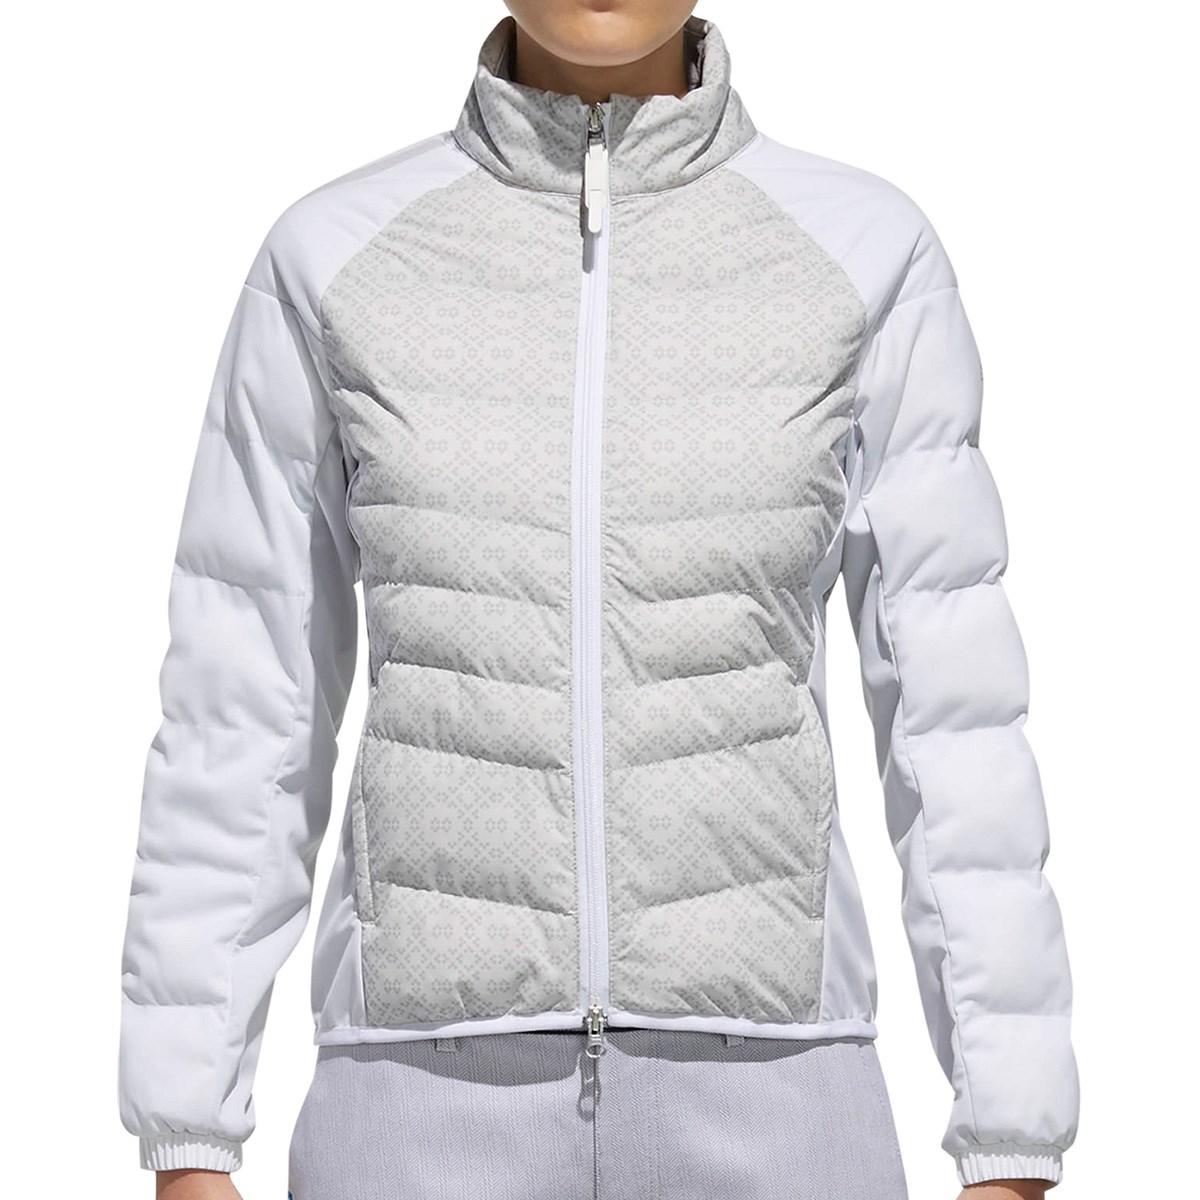 アディダス Adidas CP フィールサーモ ストレッチ長袖 ジャケット S ホワイト レディス